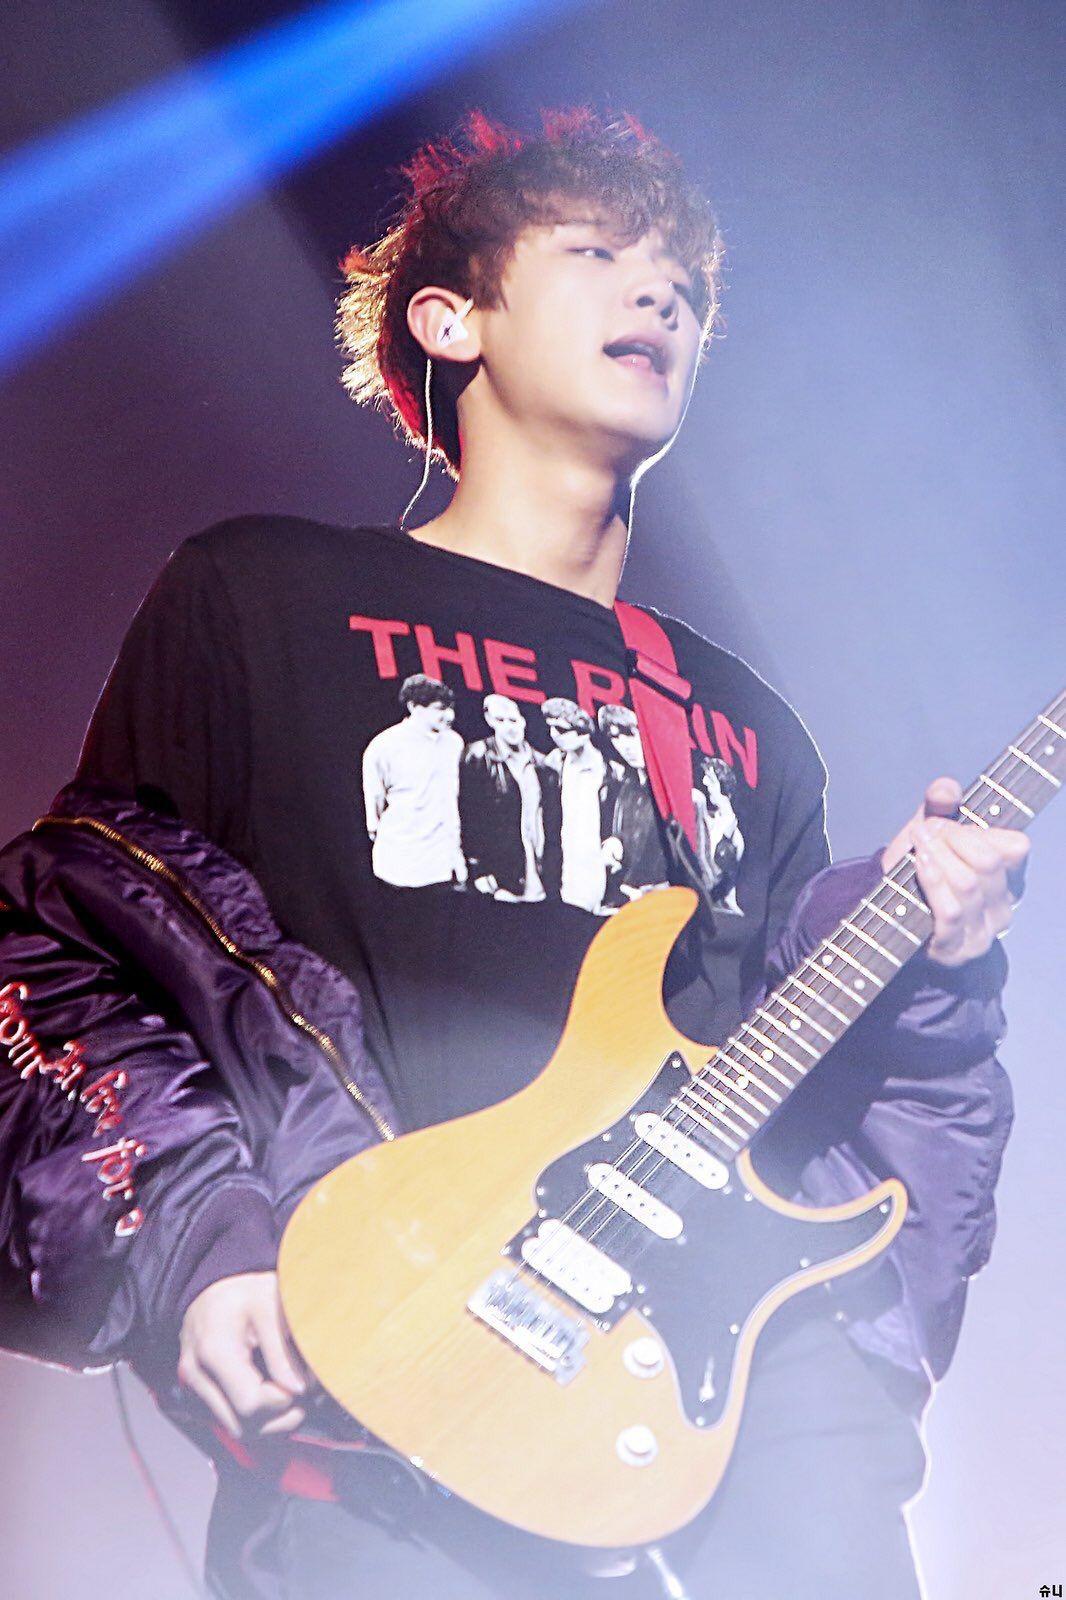 #chanyeol #チャニョル #灿烈 #朴灿烈 #찬열 #박찬열 #pcy #parkchanyel #exochanyeol #exo #proudofyoupcy #kpopidol #Kpop #Koreanstar #kpopstar #guitar #exordium #electricguitar